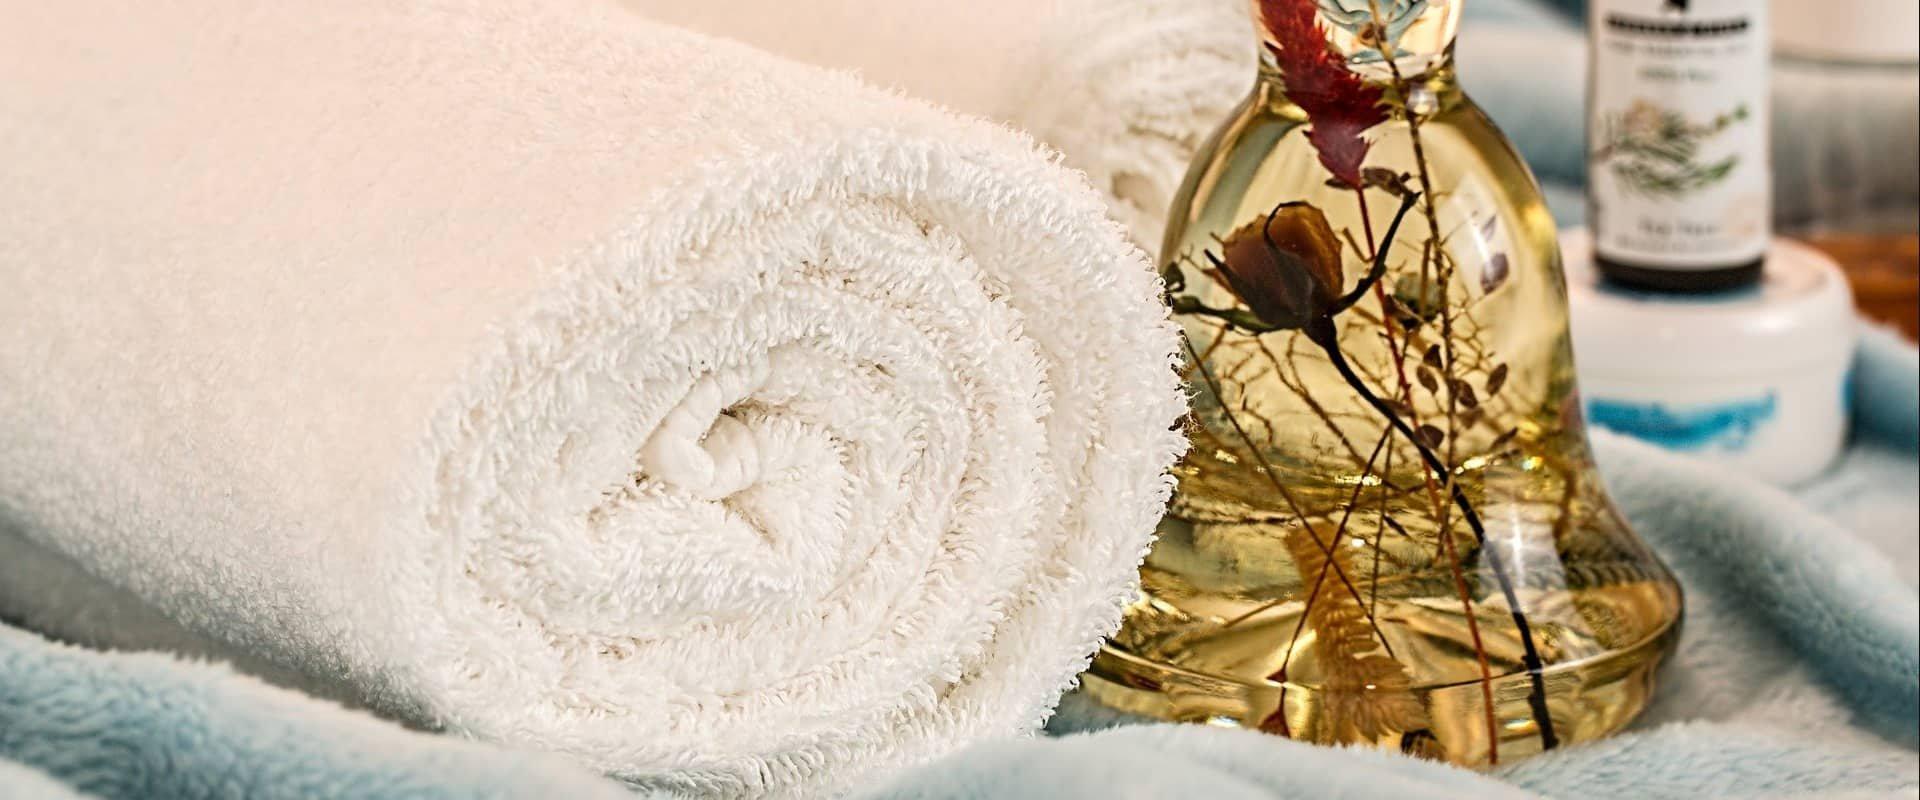 Hauspostverteilung für Beauty und Parfümerie Unternehmen